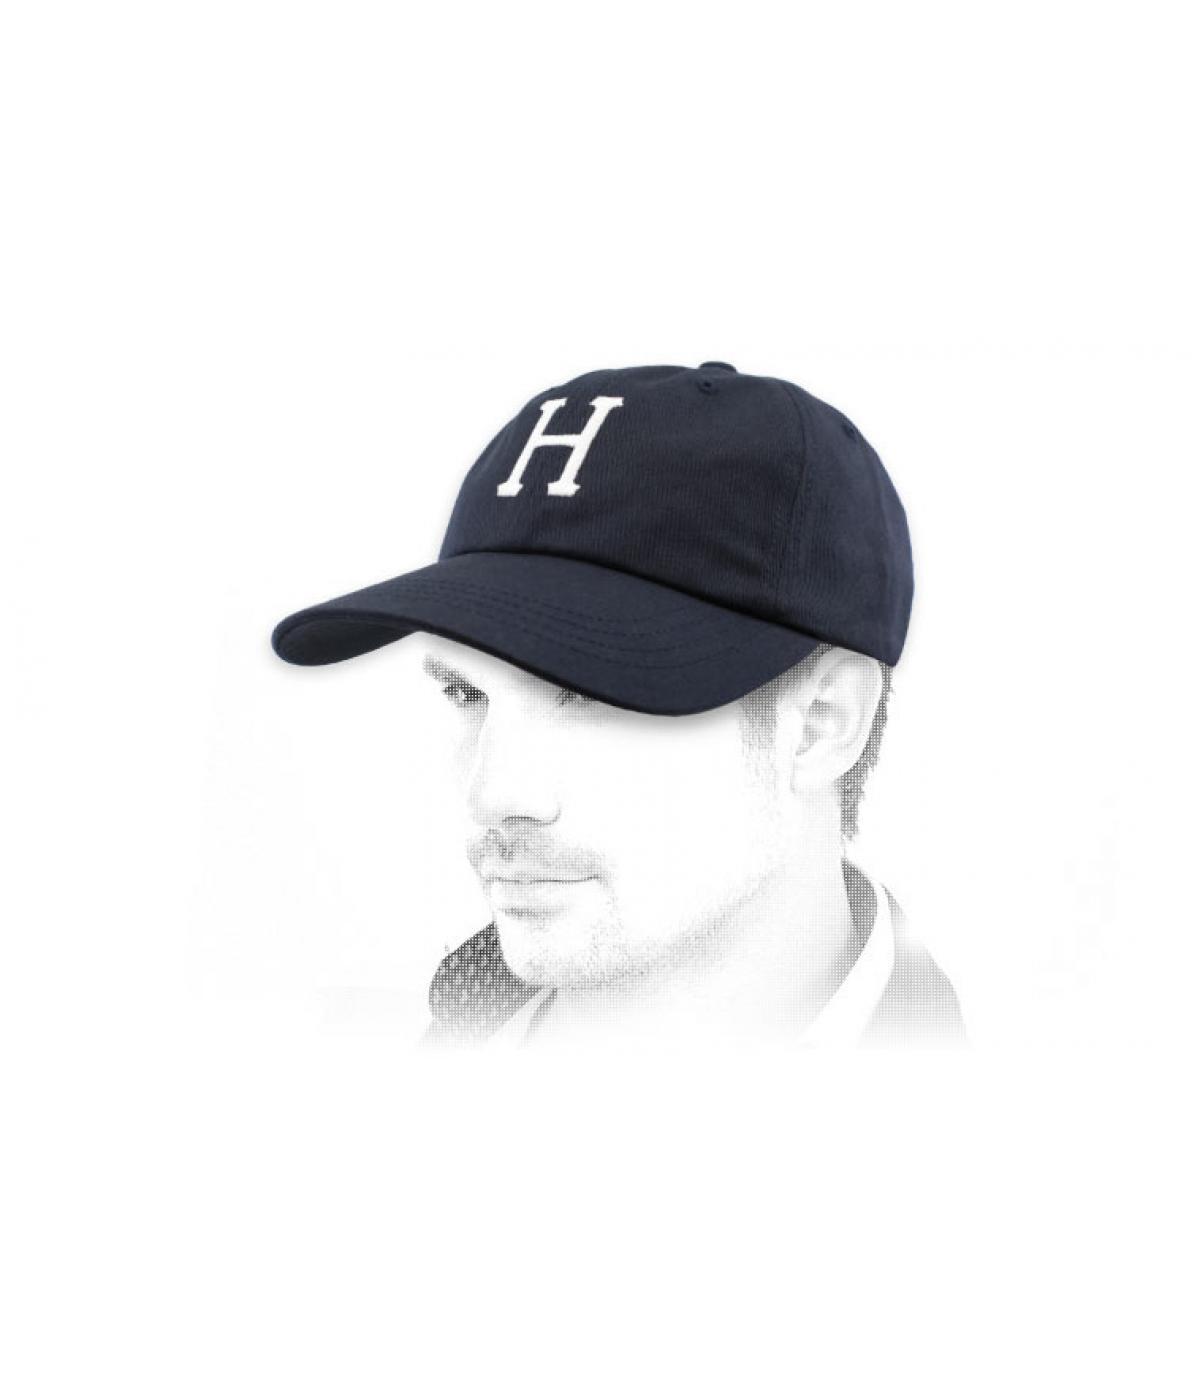 Cap Huf marineblau